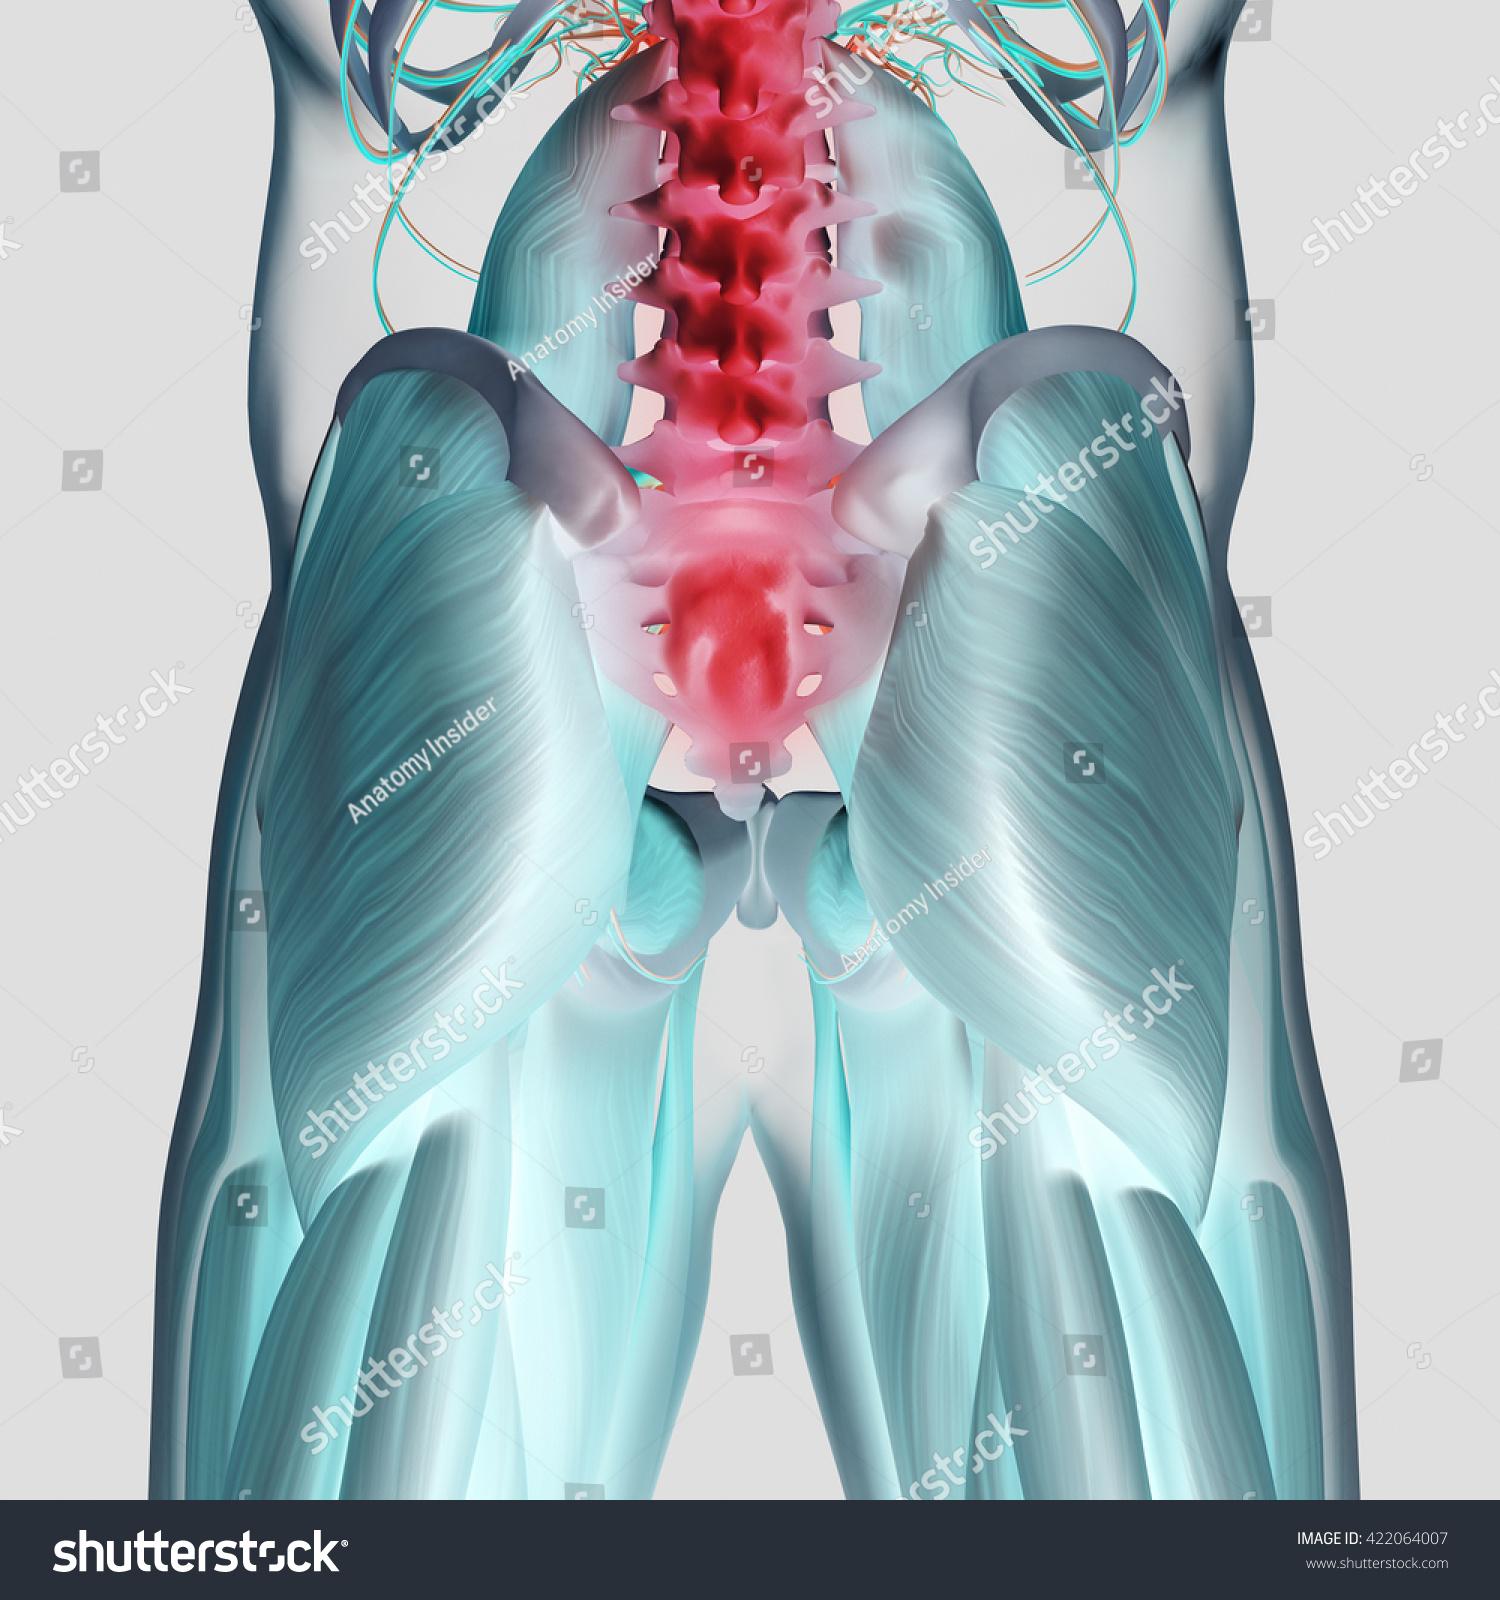 Human Anatomy Spine Pelvis Gluteus Maximus Stock Illustration ...